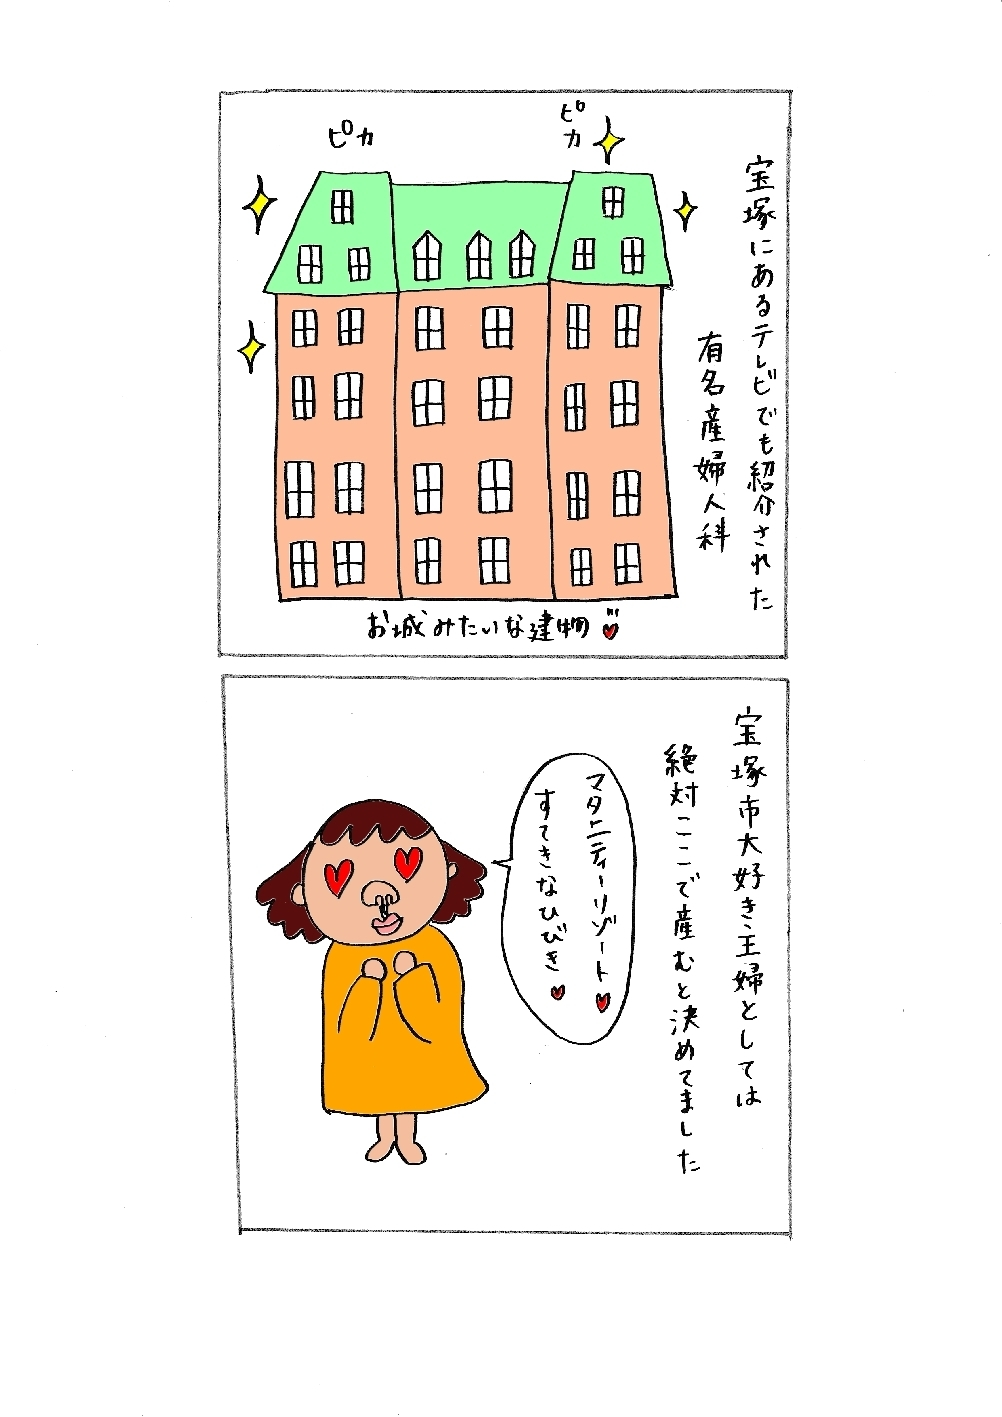 マタニティーリゾート.jpg